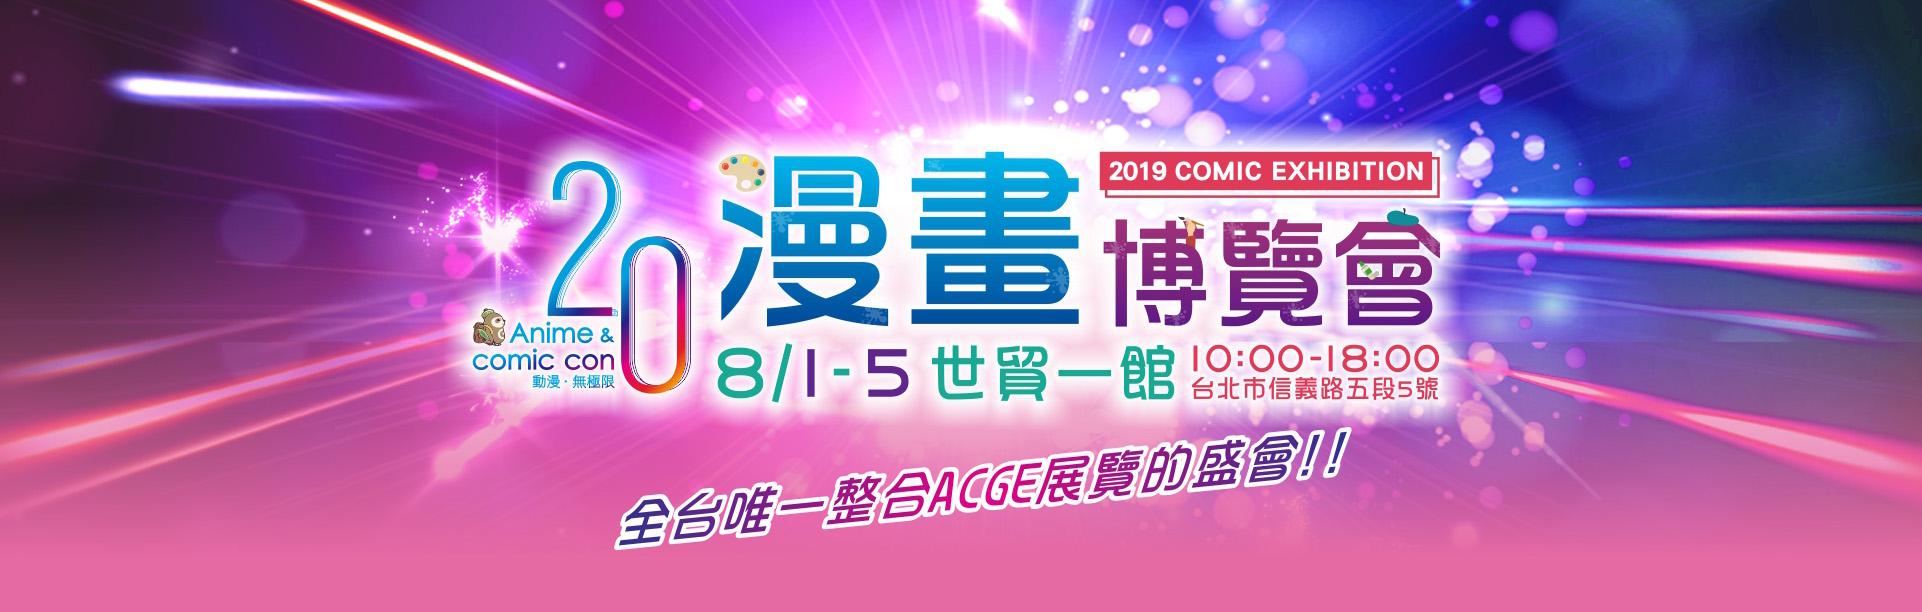 台湾漫画博覧会、日本館・Netflixブース情報